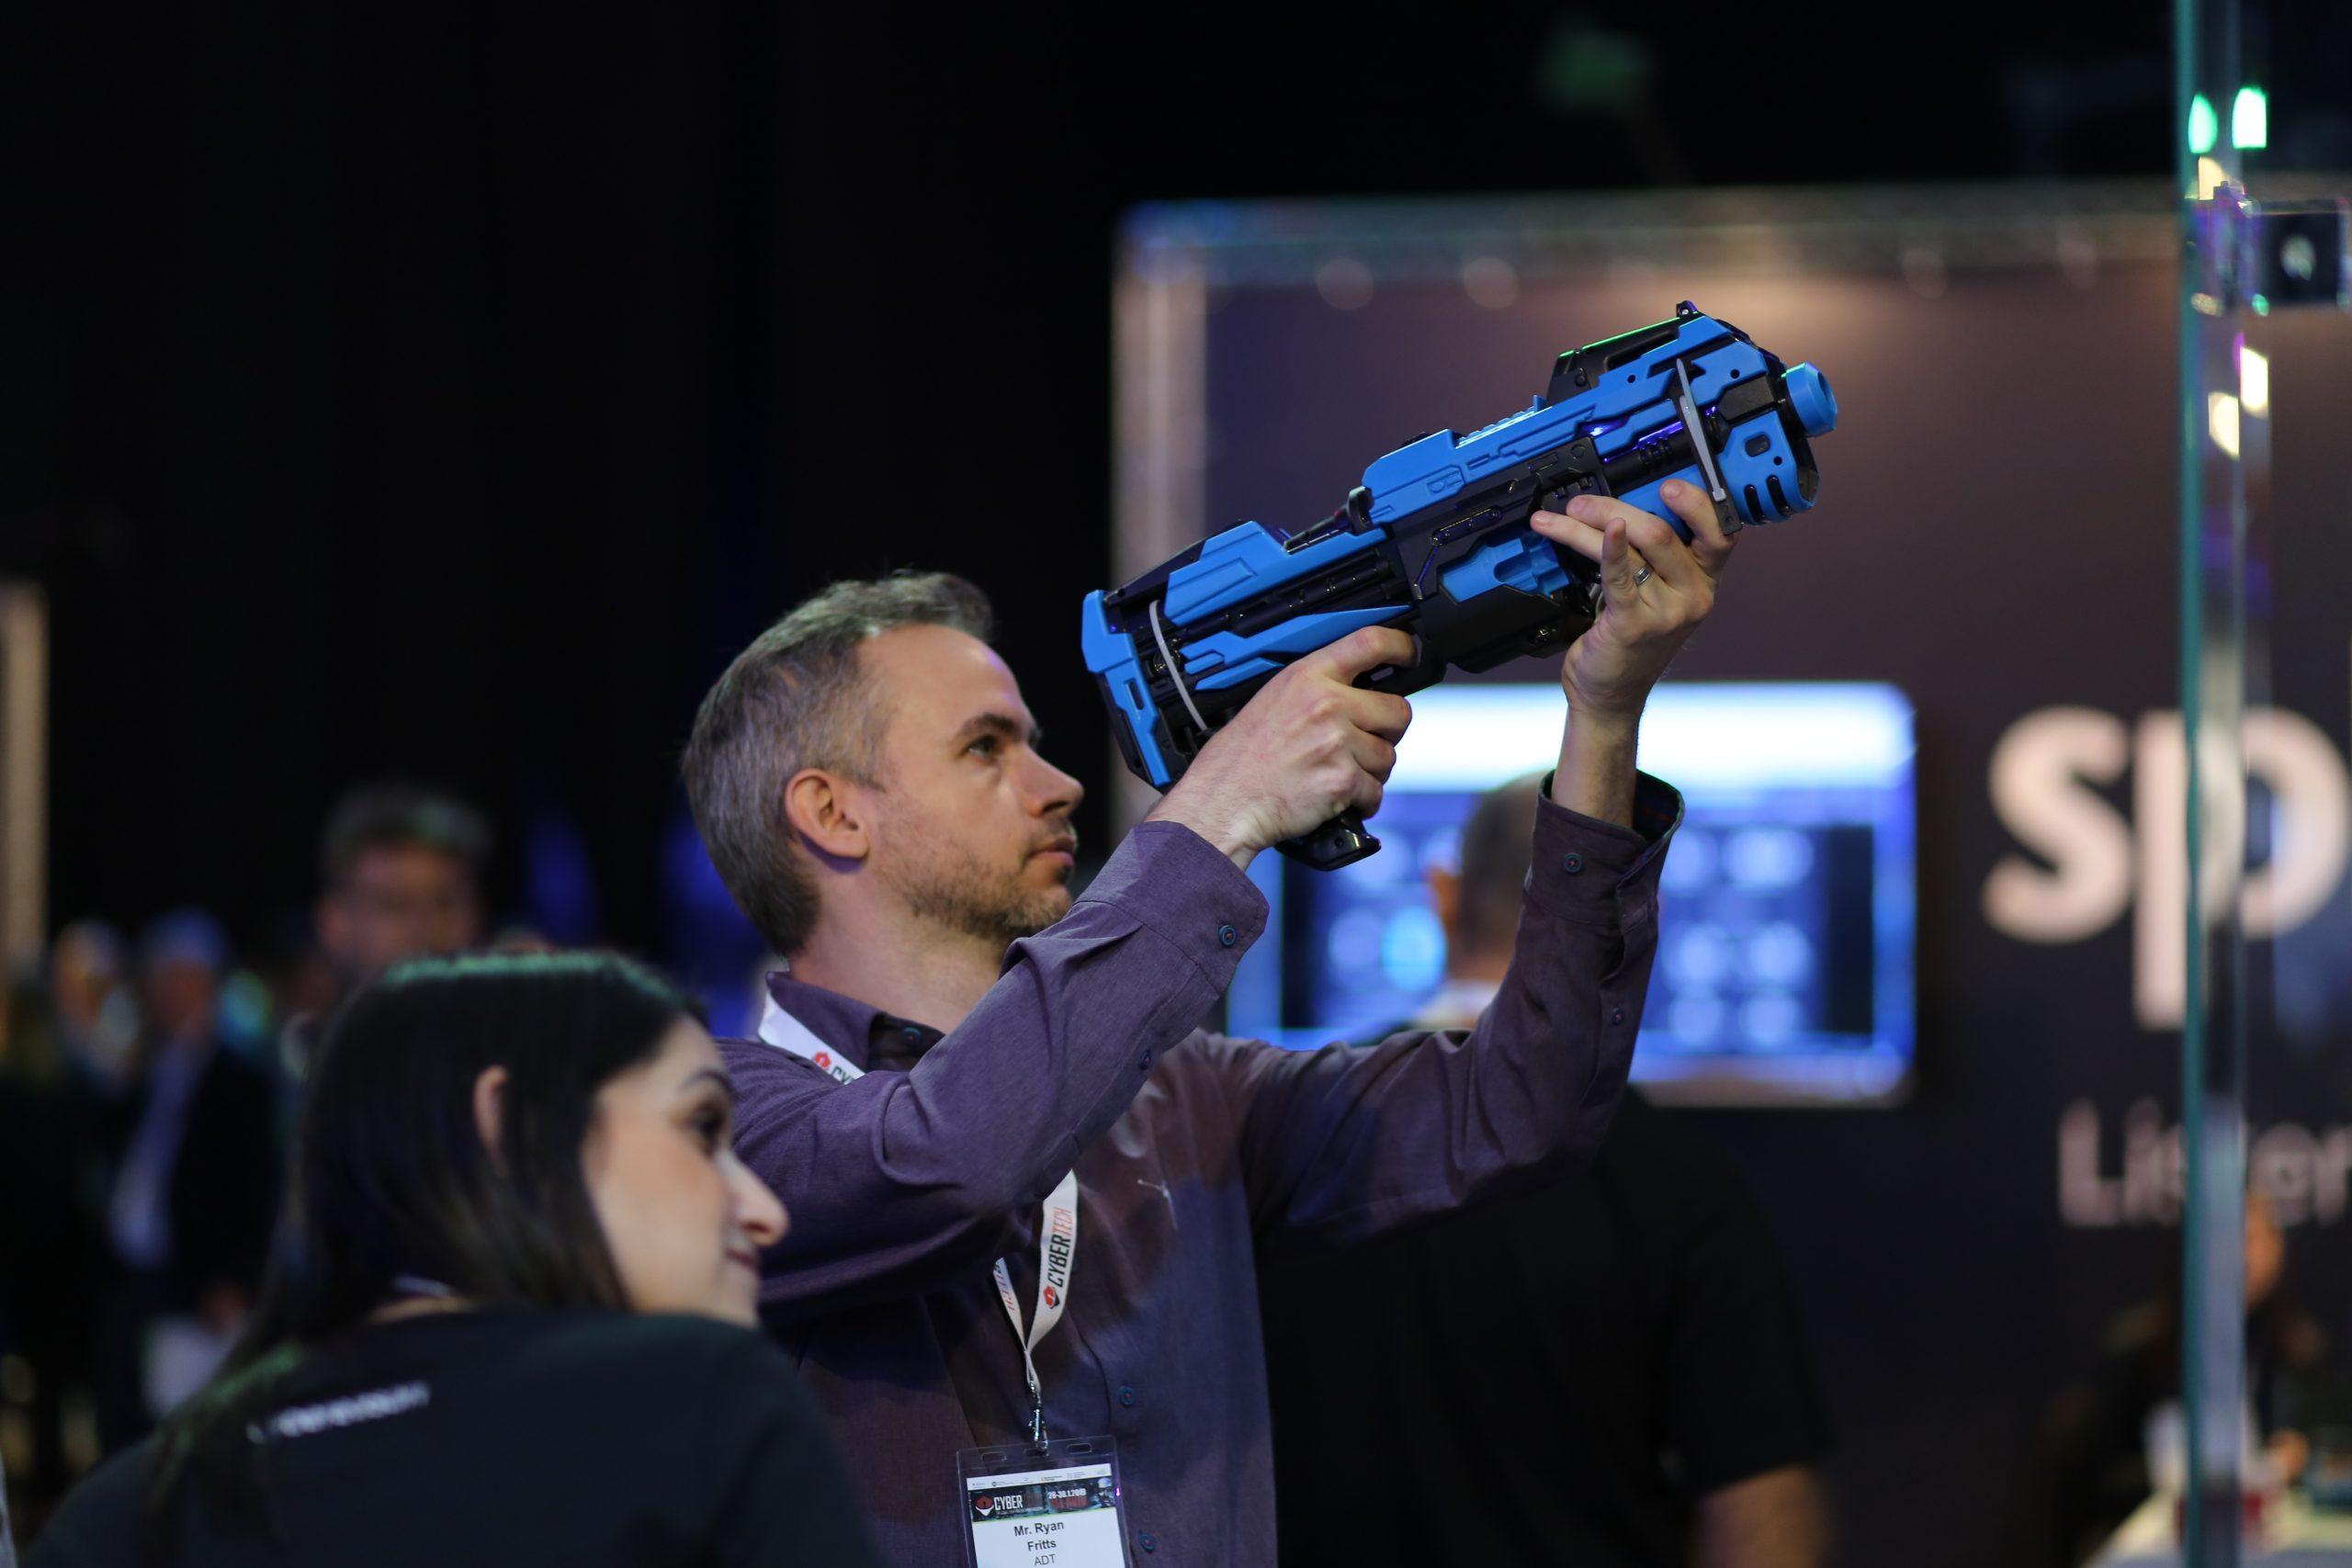 GameTech Market